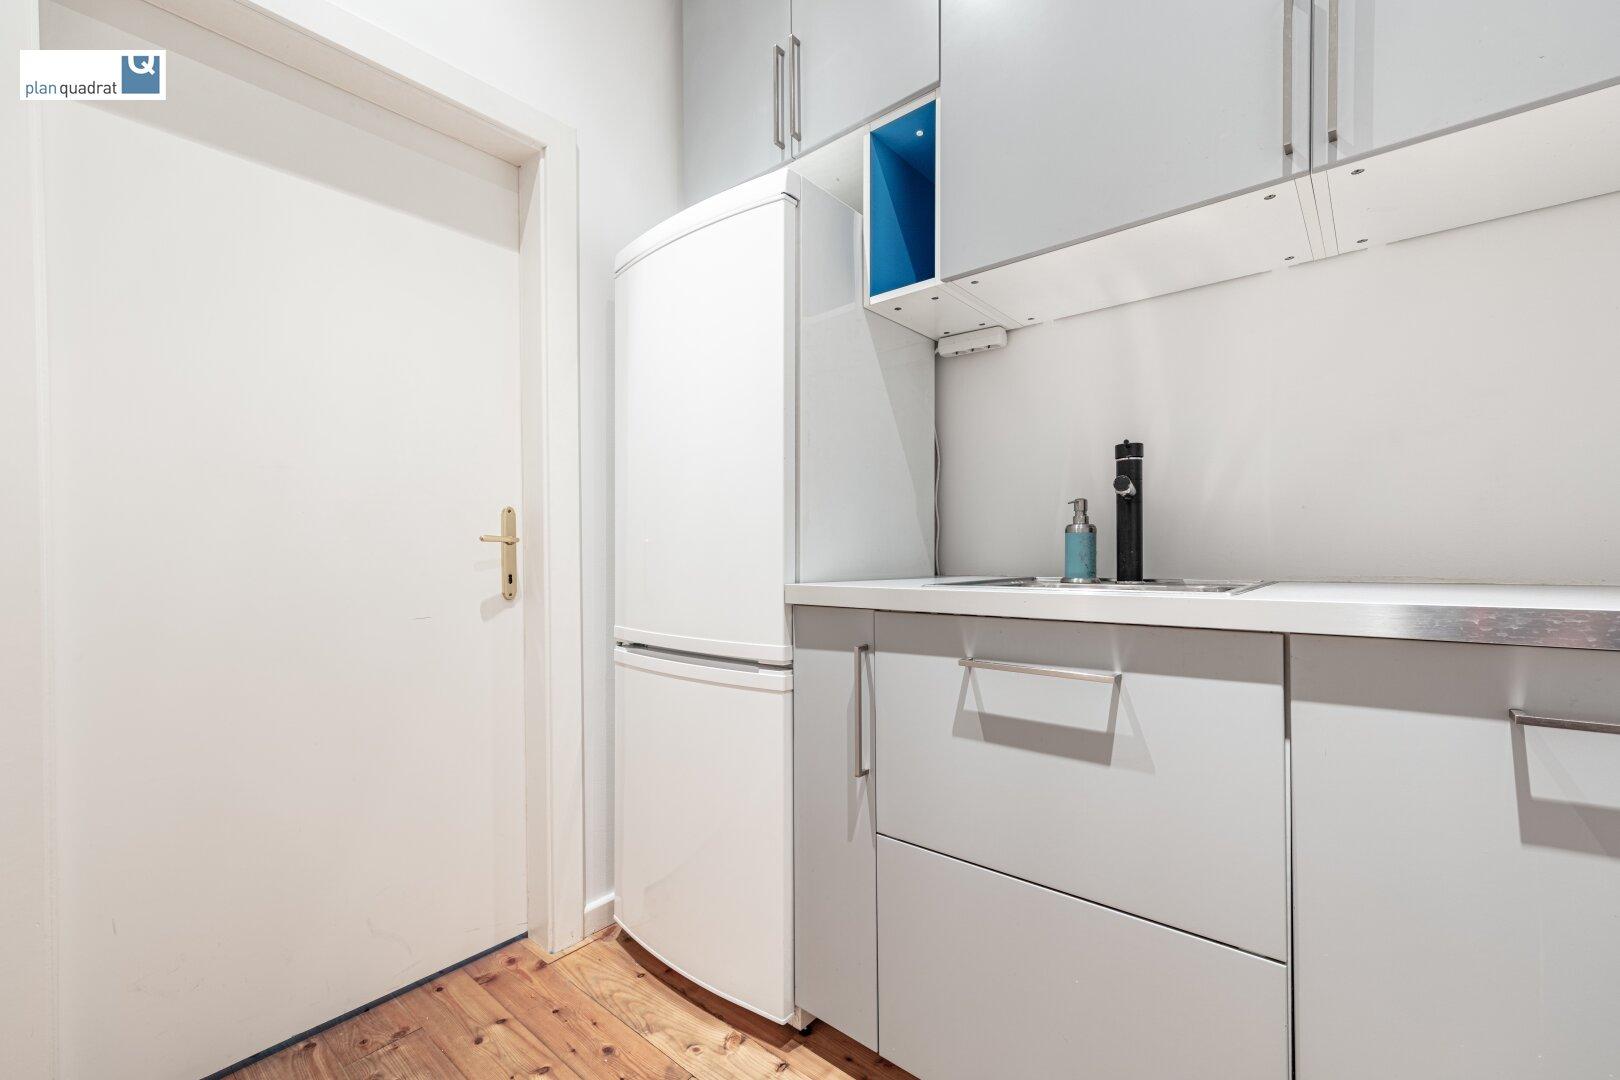 Küche / Abstellraum (ca. 4,50 m²) - Ausstattung von Vormieter im Objekt belassen